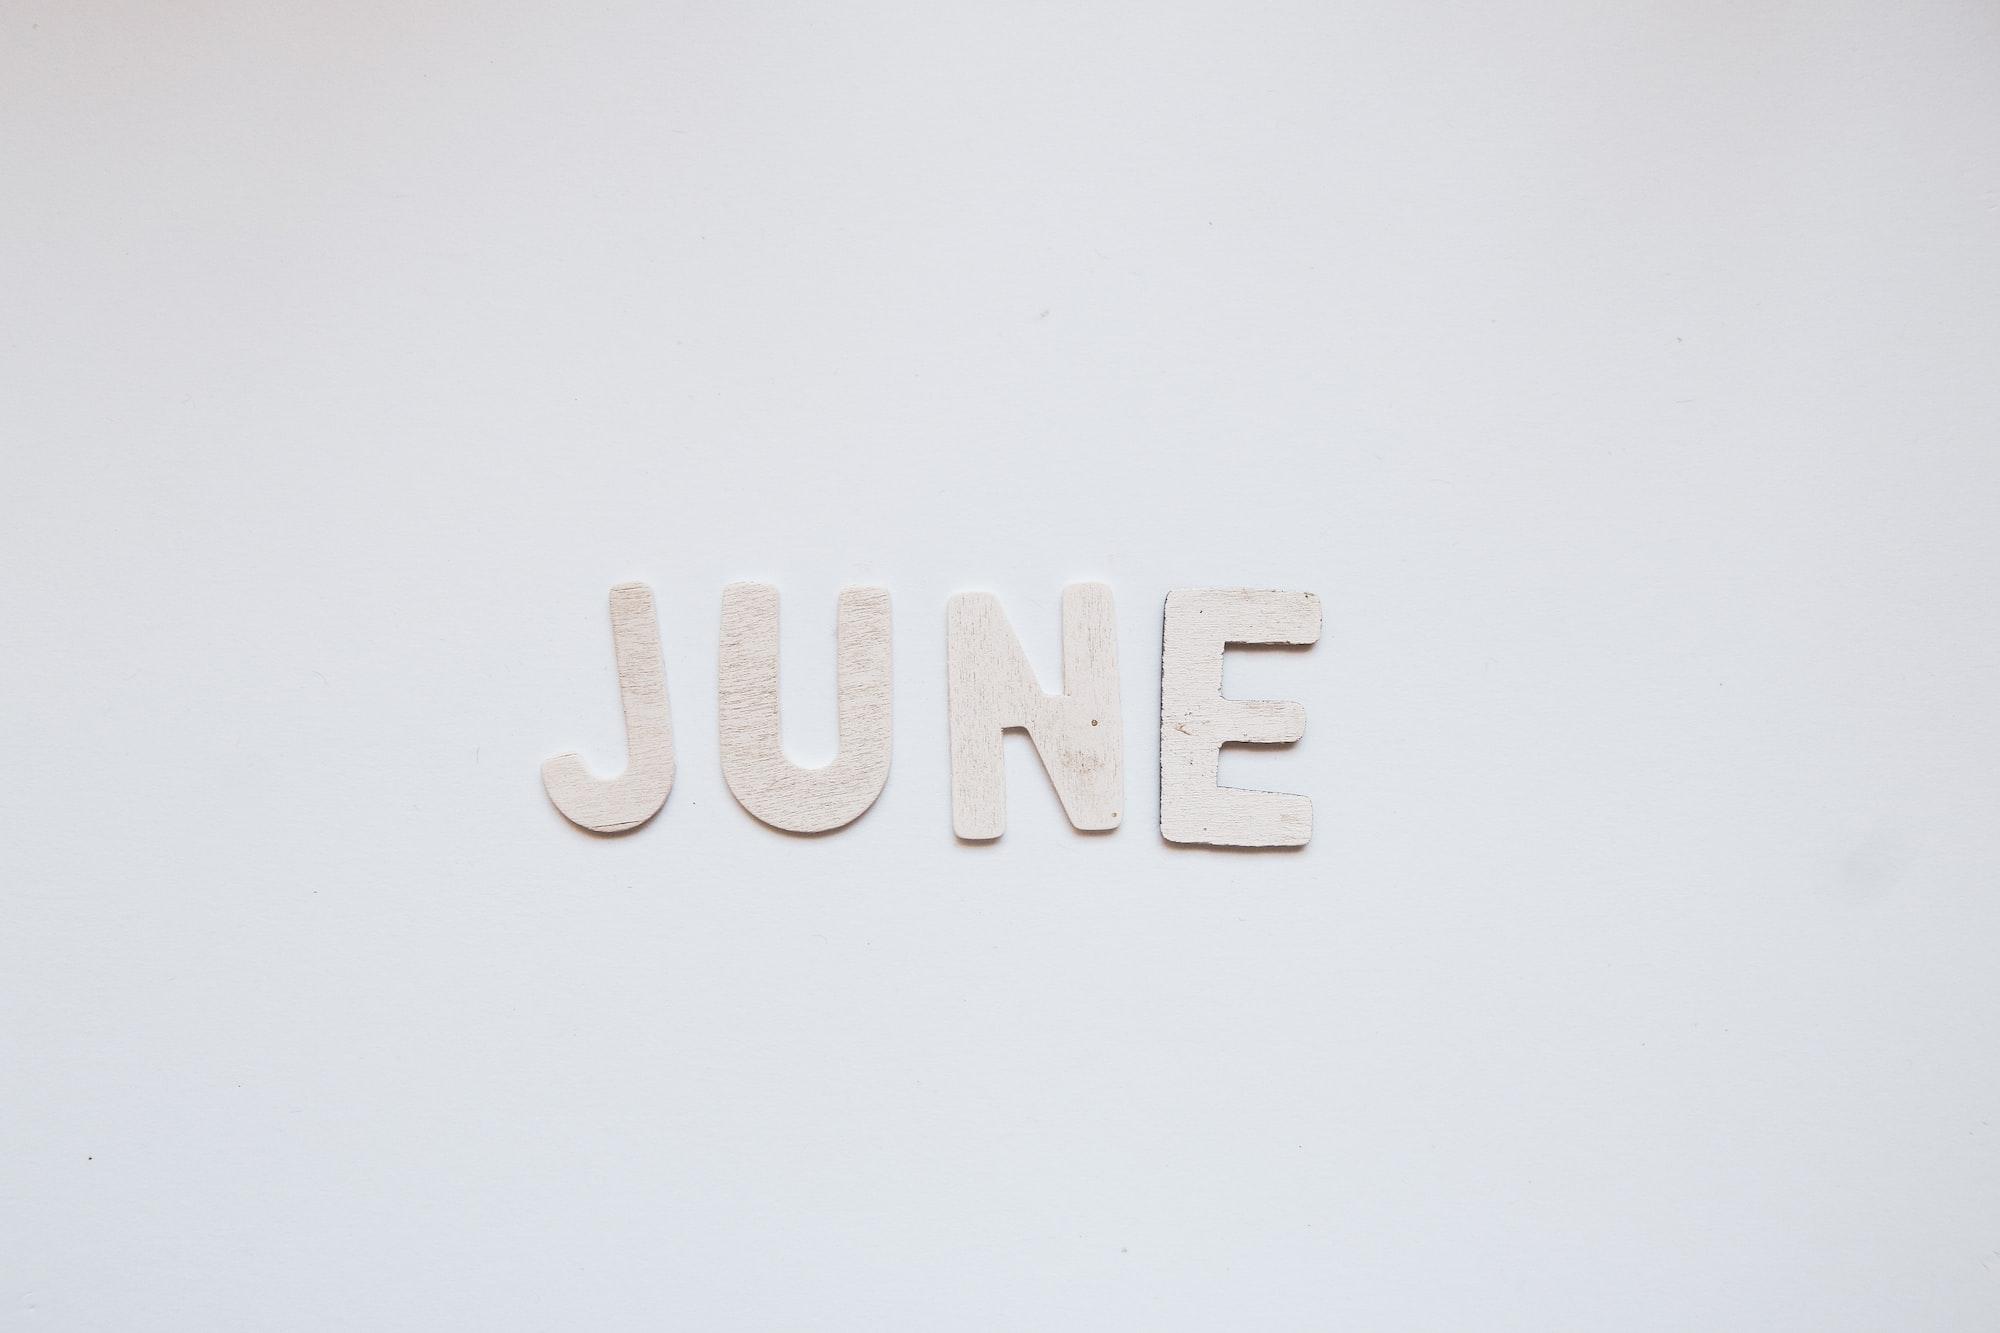 心情寫照 June 2021